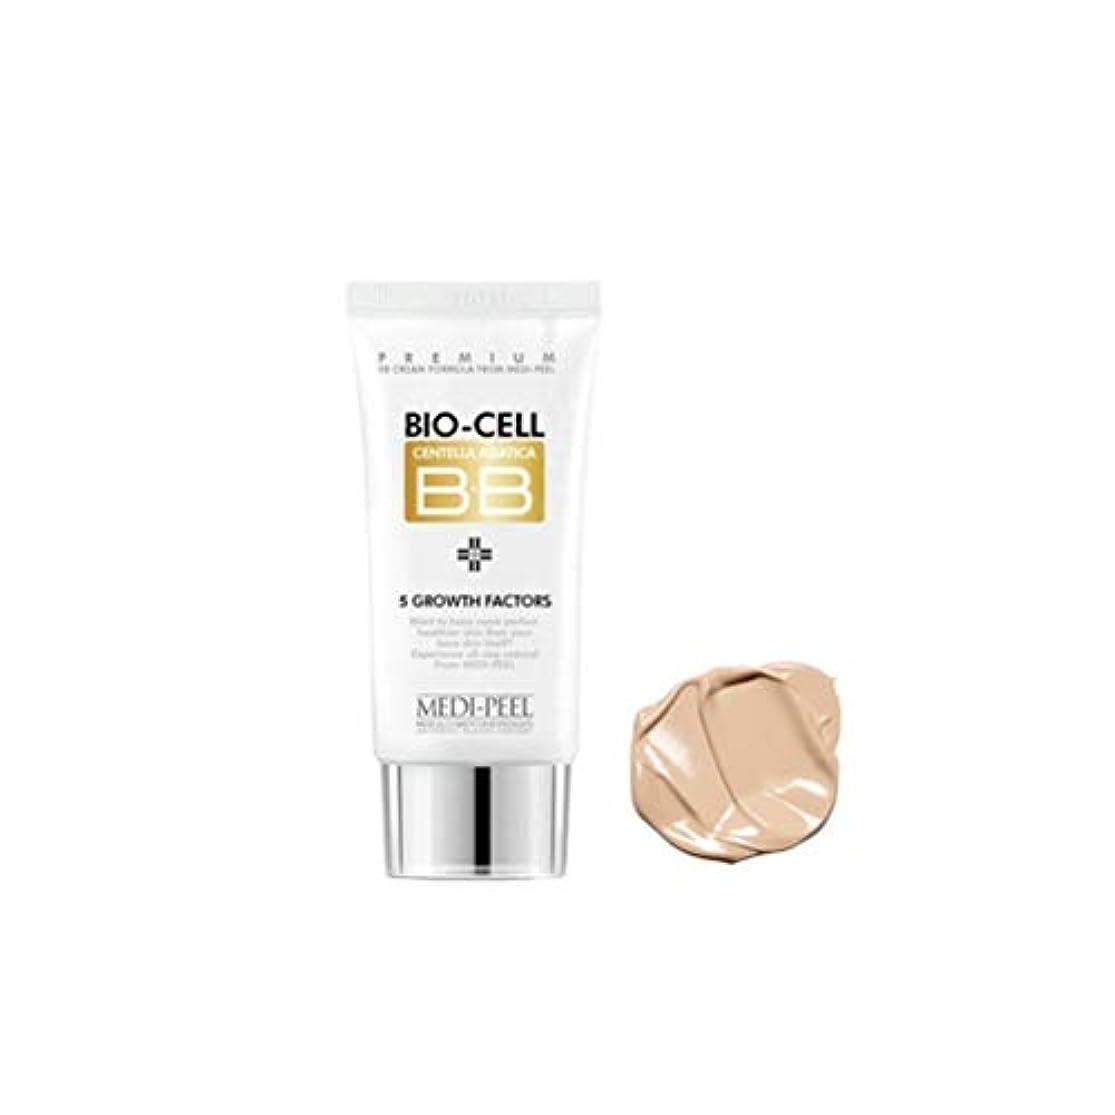 歌手調停する結核[Medi-Peel] メディピール バイオセル BBクリーム 50ml. [美.白?シワ.改善2重機能性化粧品] Medi-Peel Bio-cell BB Cream 50ml.